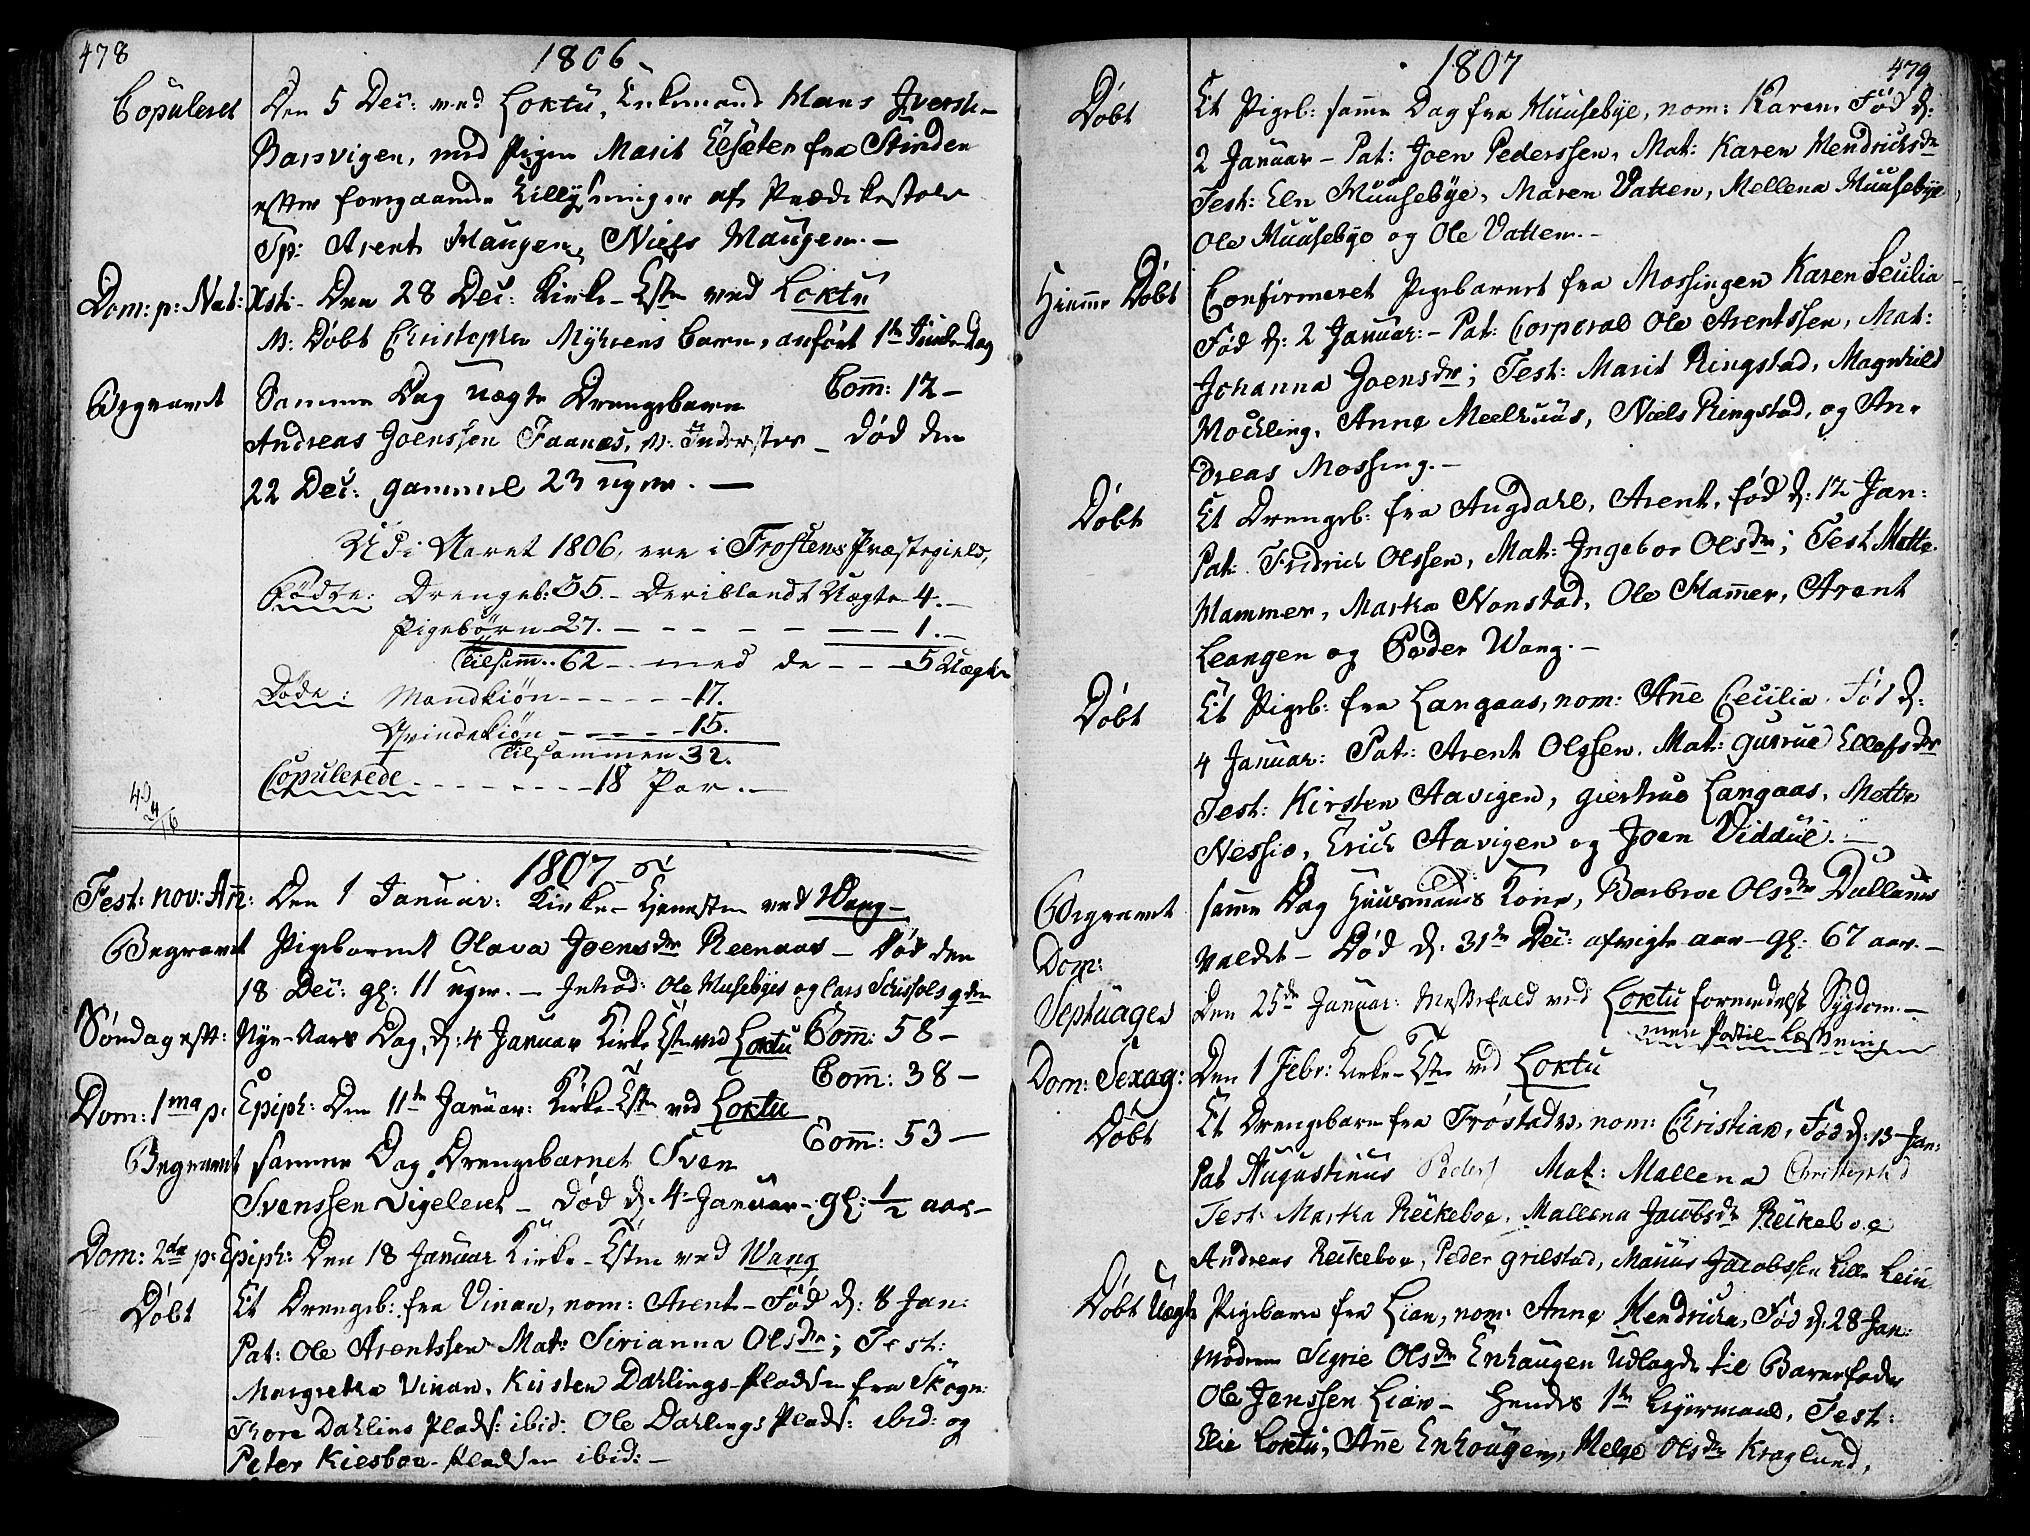 SAT, Ministerialprotokoller, klokkerbøker og fødselsregistre - Nord-Trøndelag, 713/L0110: Ministerialbok nr. 713A02, 1778-1811, s. 478-479